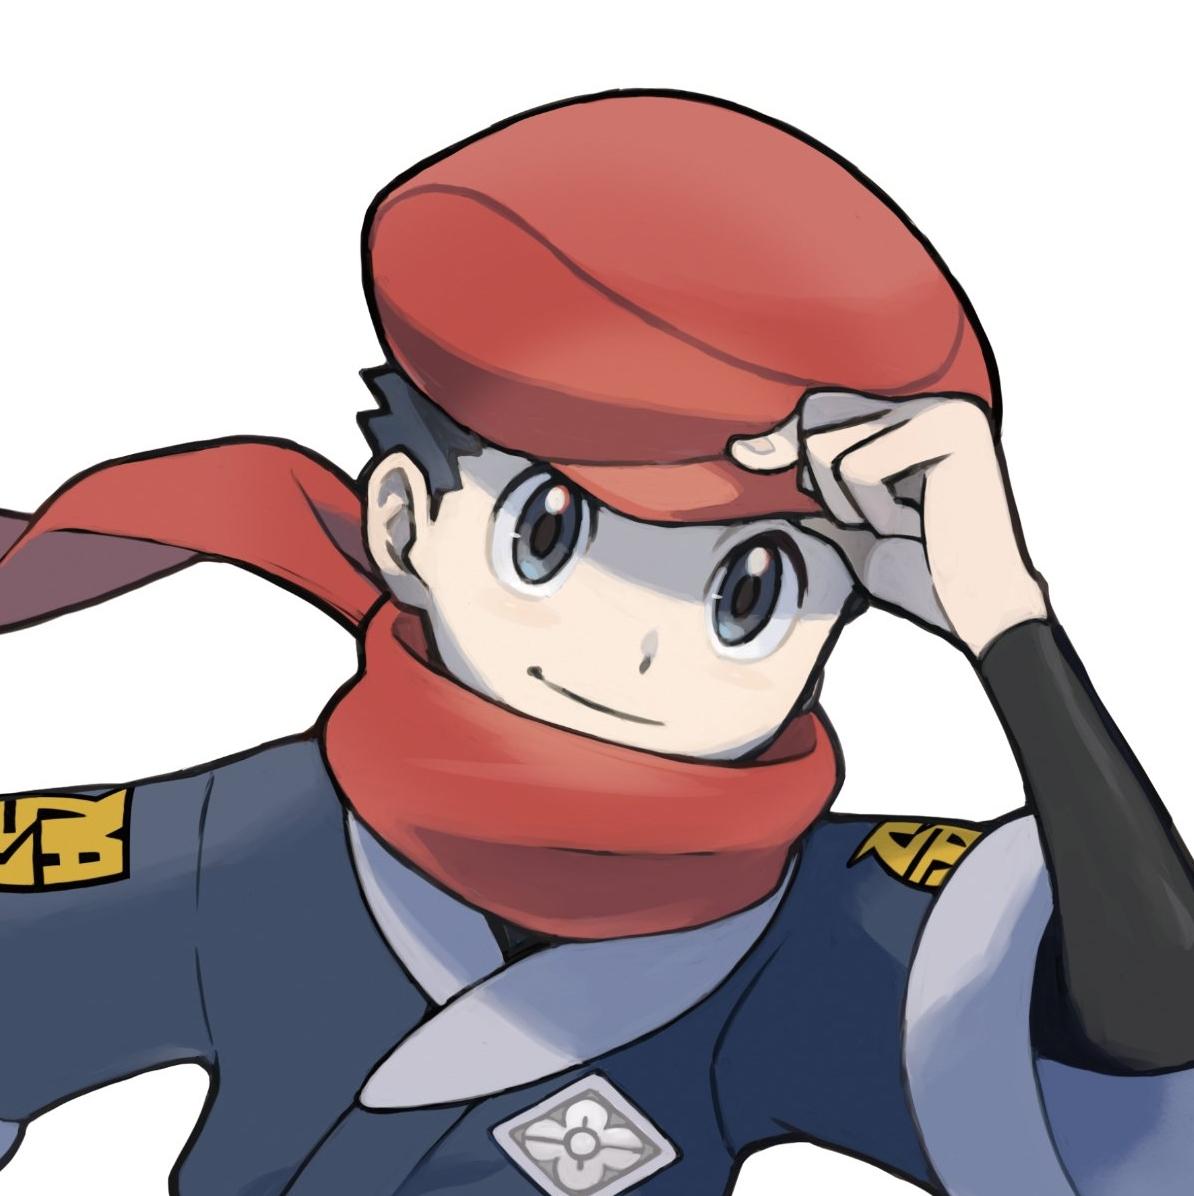 Nekky-chan